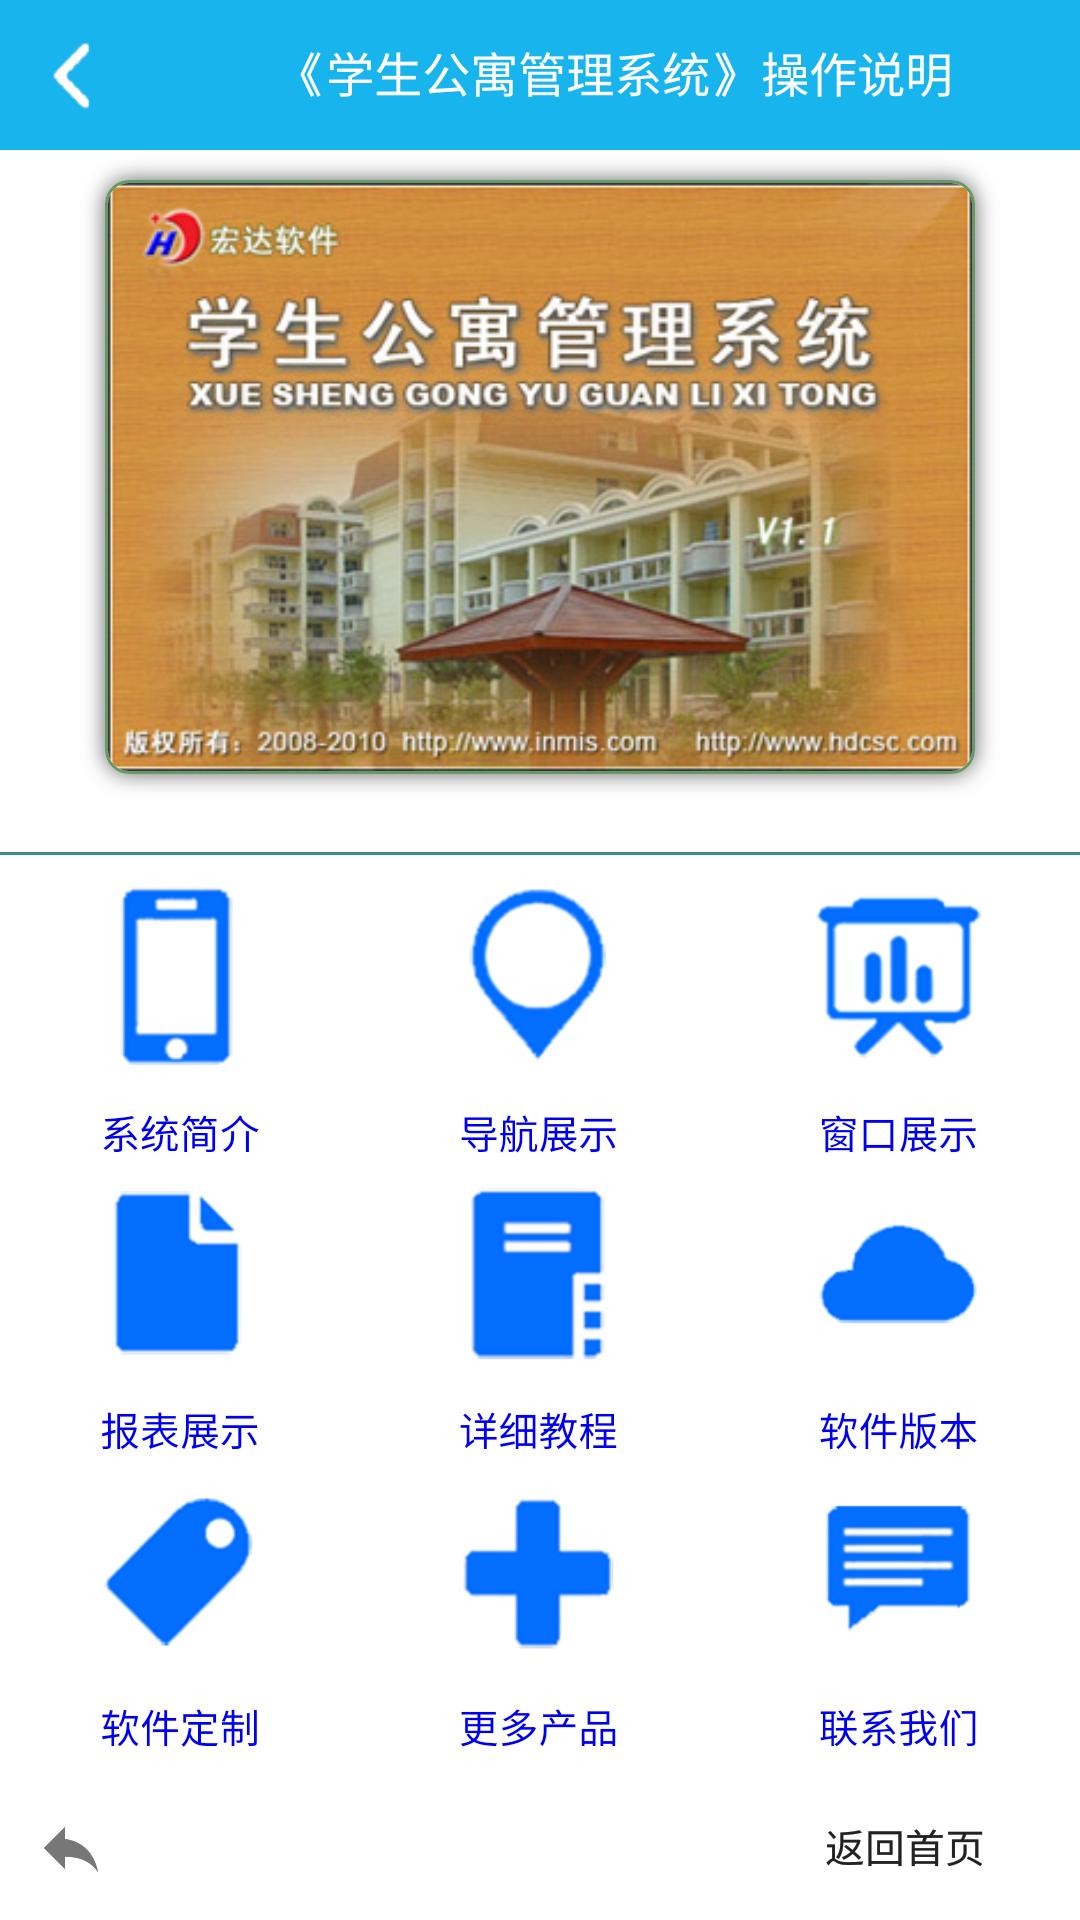 学校公寓管理系统